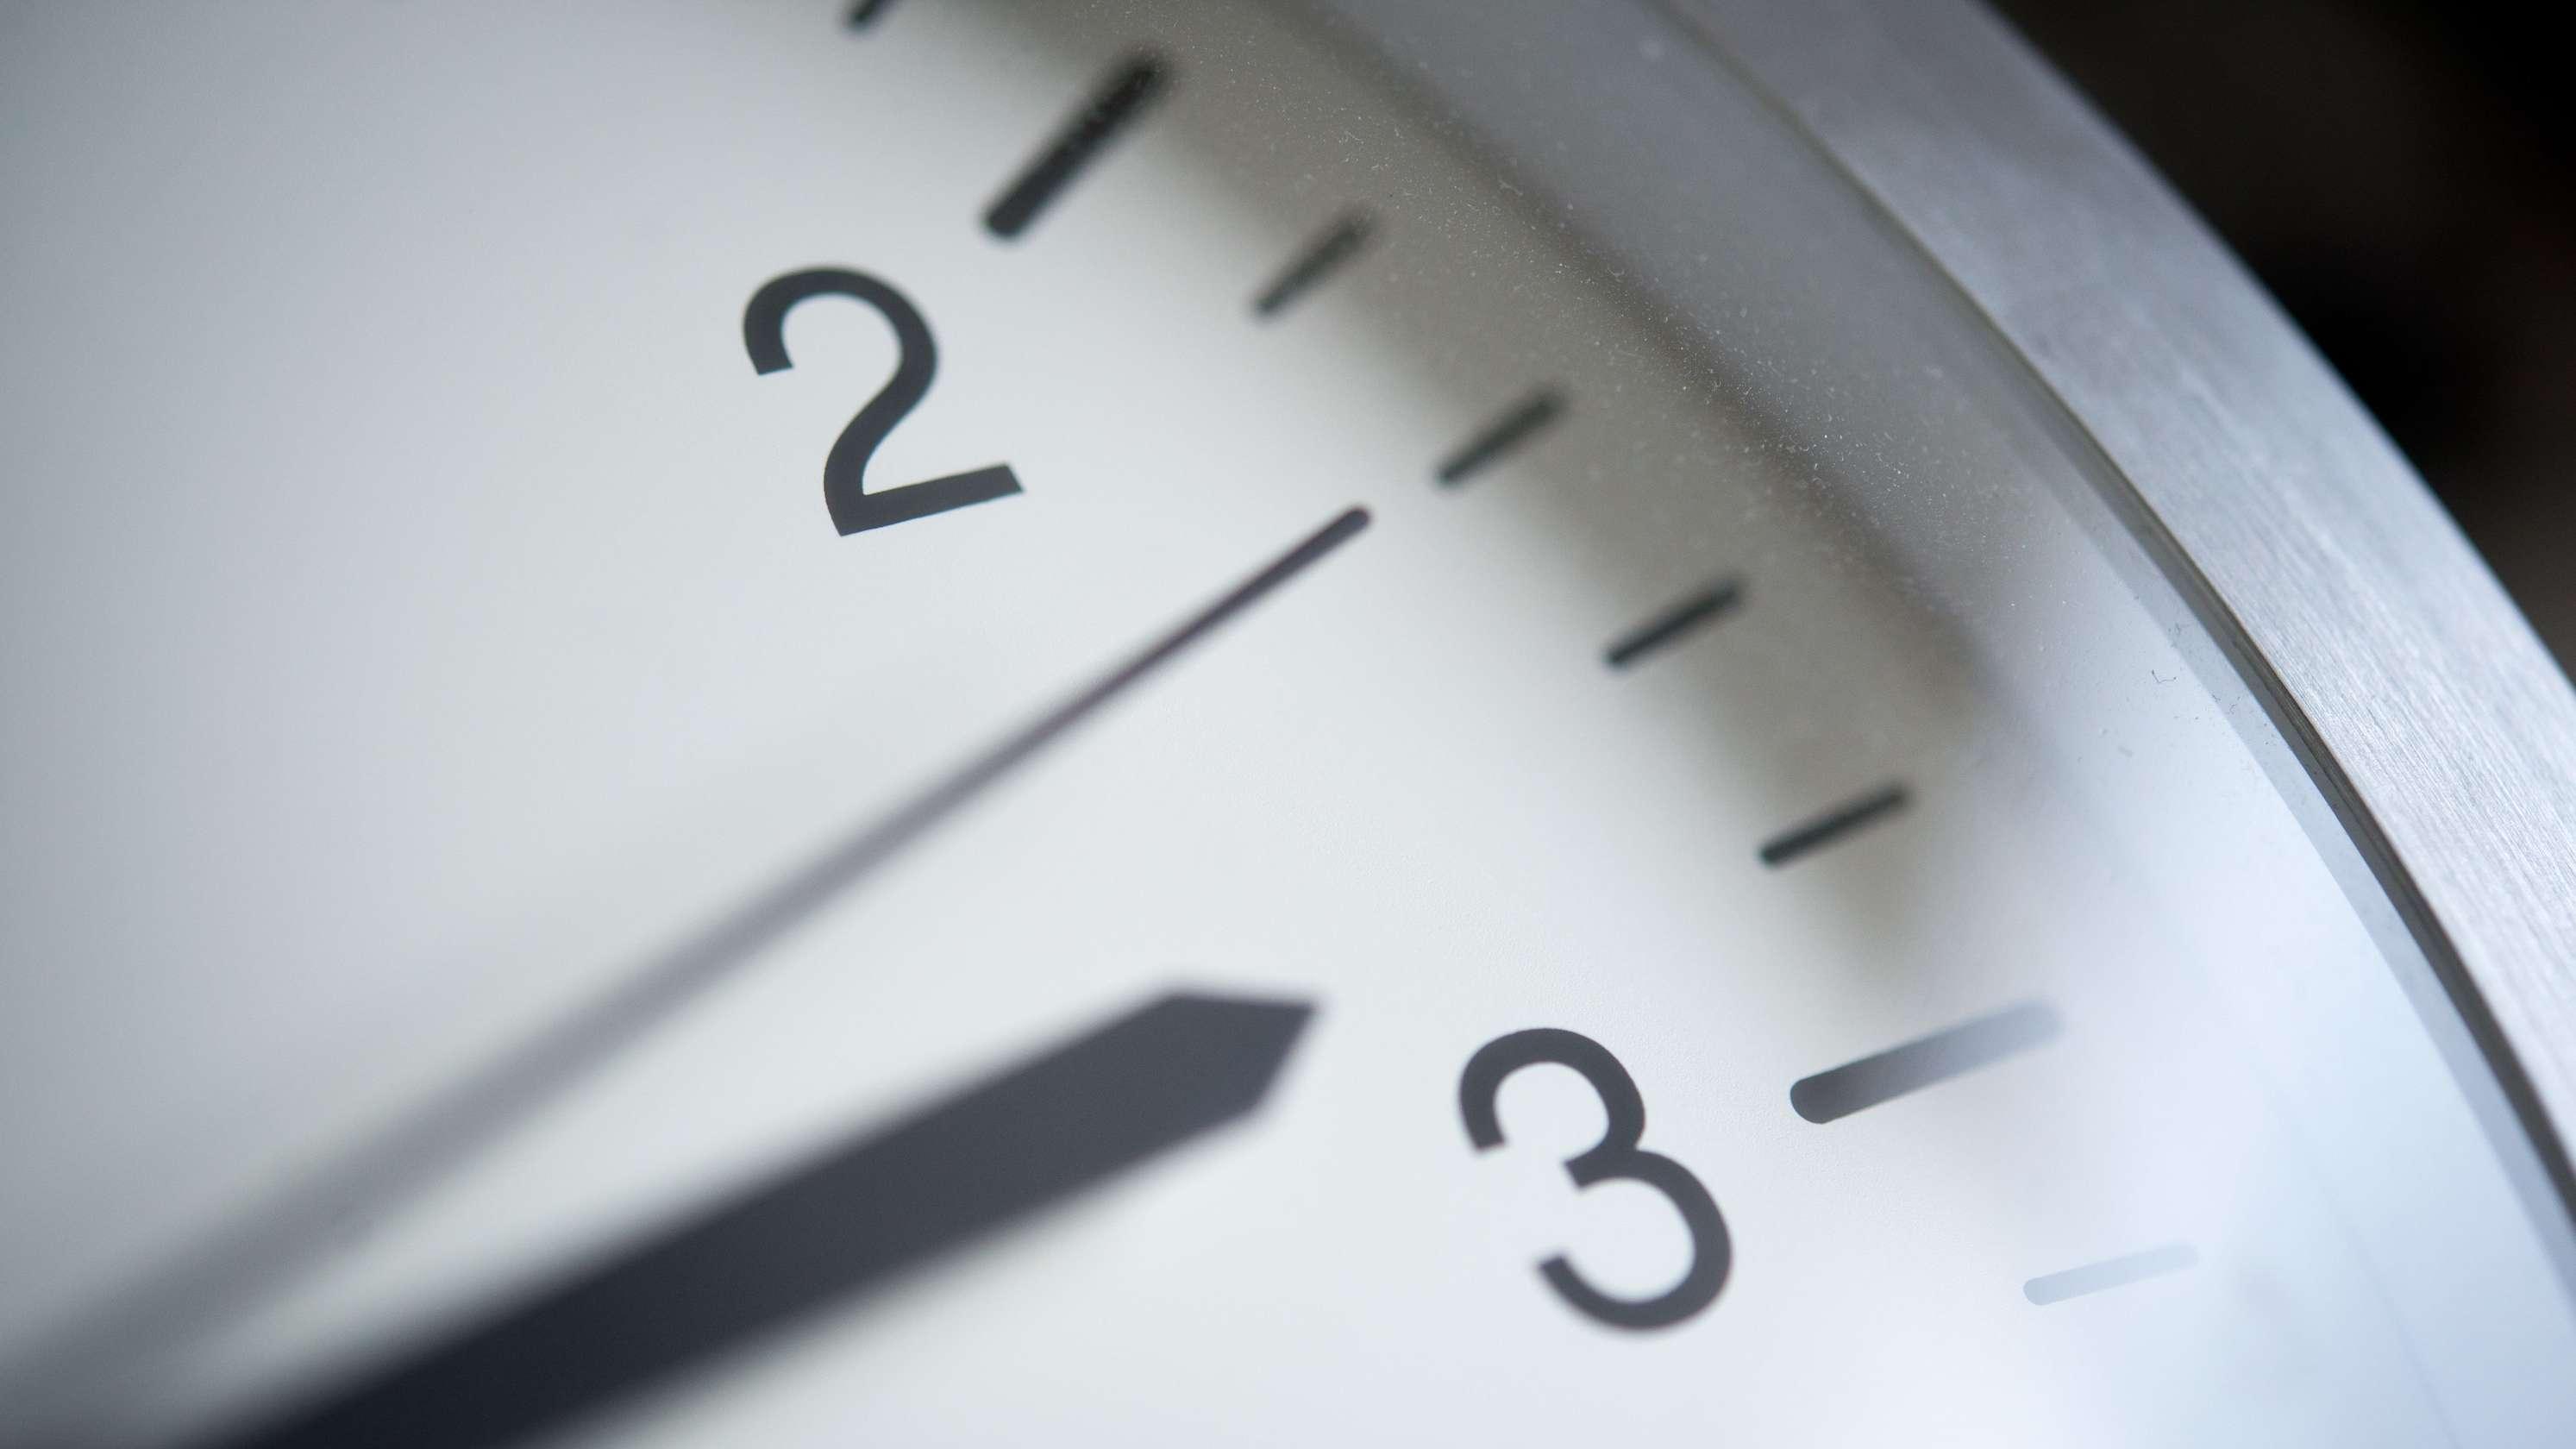 Am Wochenende wird die Uhr um eine Stunde vorgestellt. Das Europäische Parlament stimmt am Dienstag darüber ab, ob die Umstellung beendet werden soll.